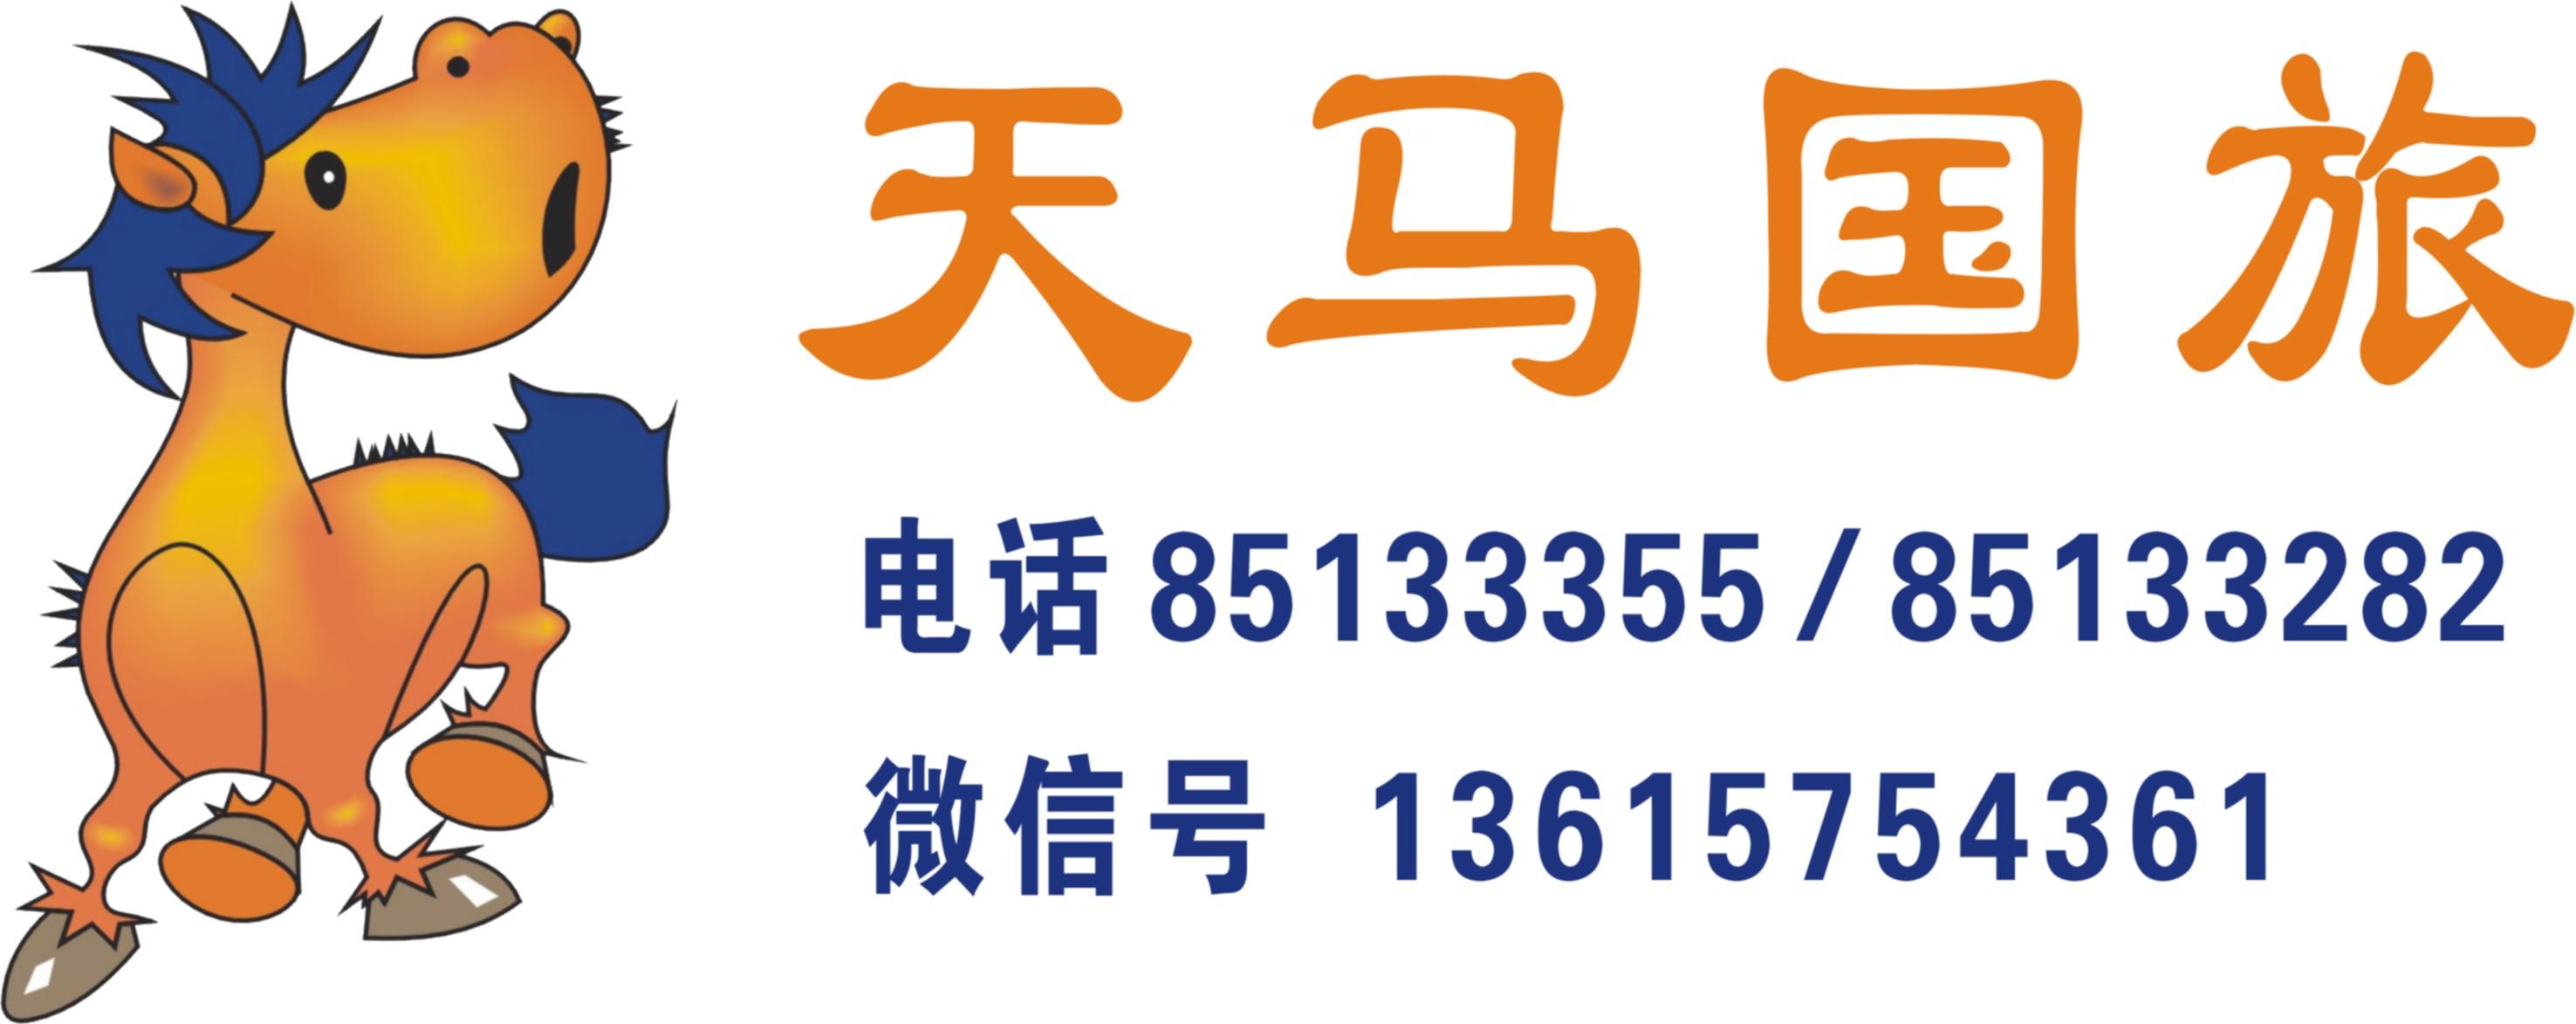 3月【三亚自由行 亚龙湾美高梅度假酒店高尔夫景房4晚】大礼包